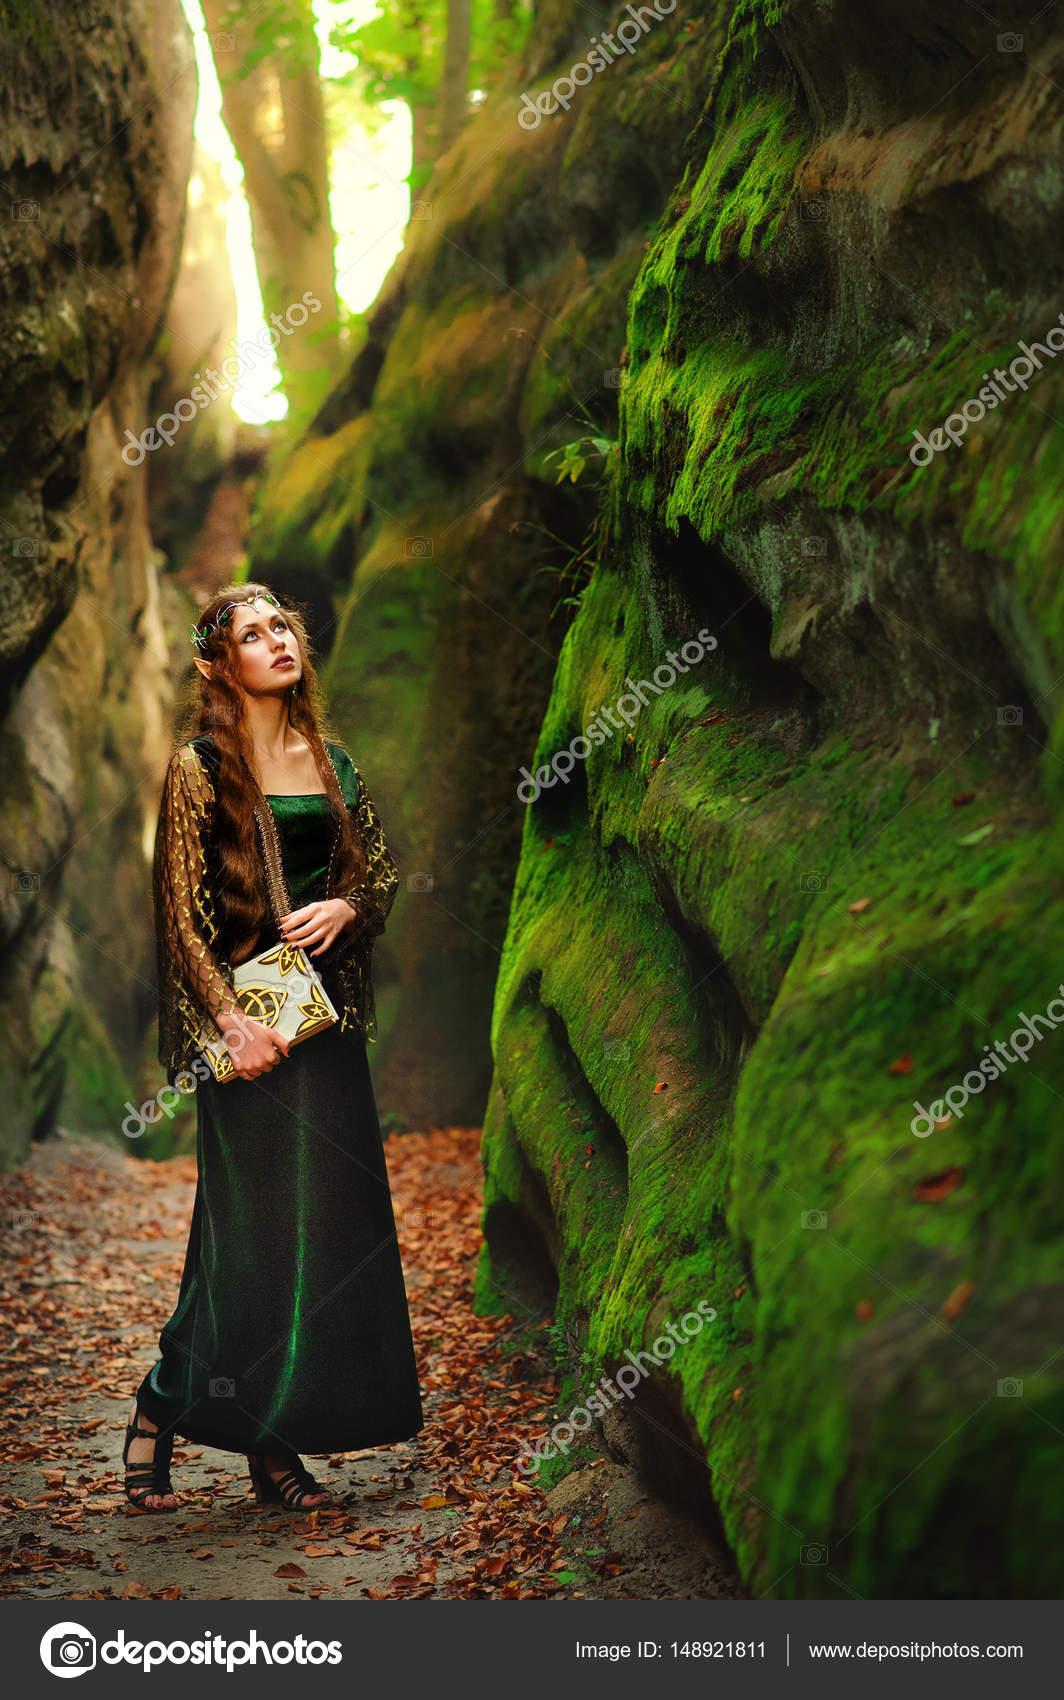 a58a664b3 Longitud vertical la foto de un elfo mujer joven pelo largo hermosa en un vestido  de caminar en el bosque mirando a su alrededor sosteniendo un cosplay de ...